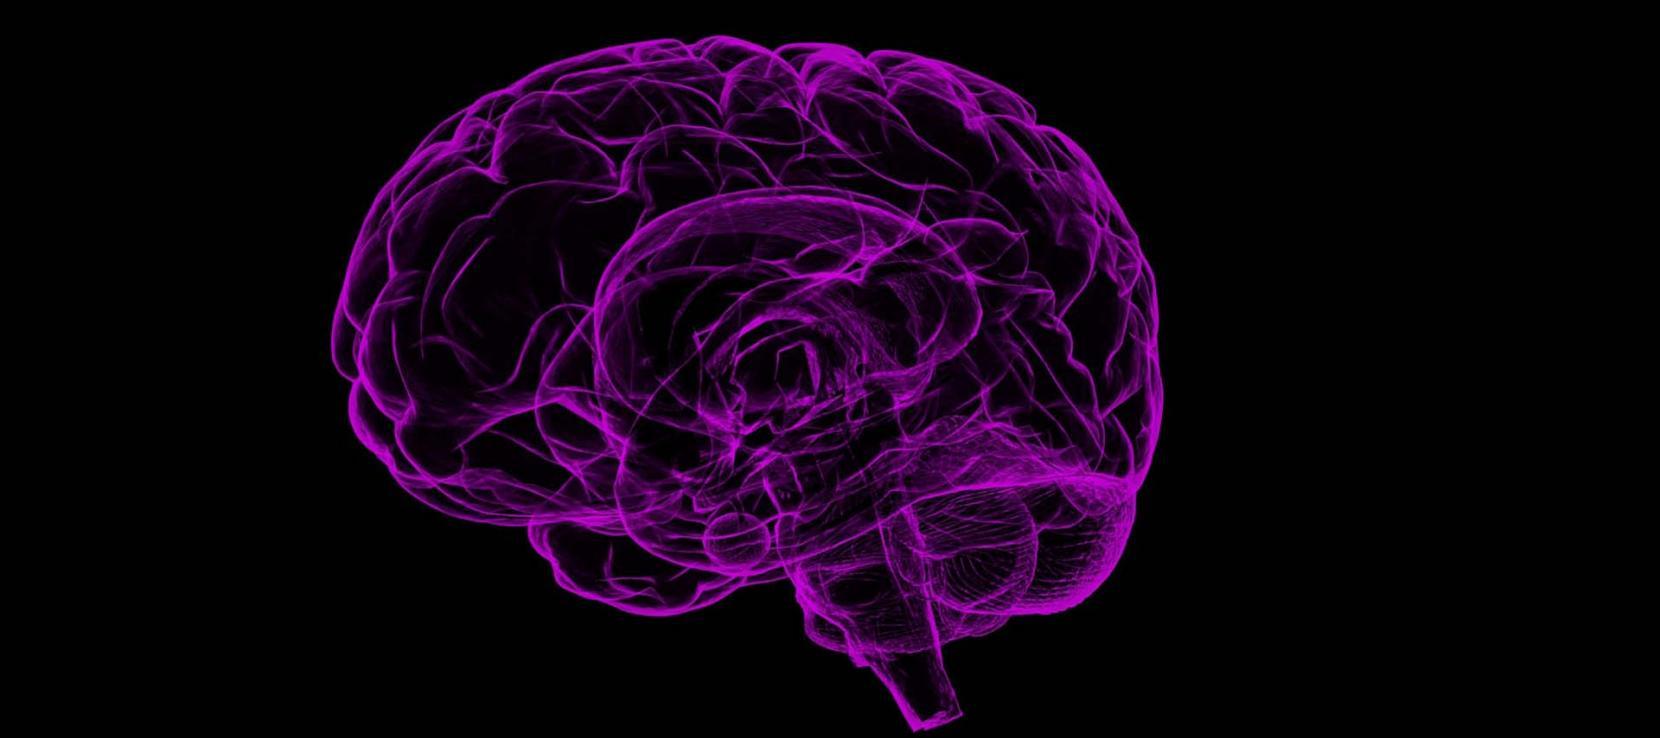 représentation graphique du cerveau